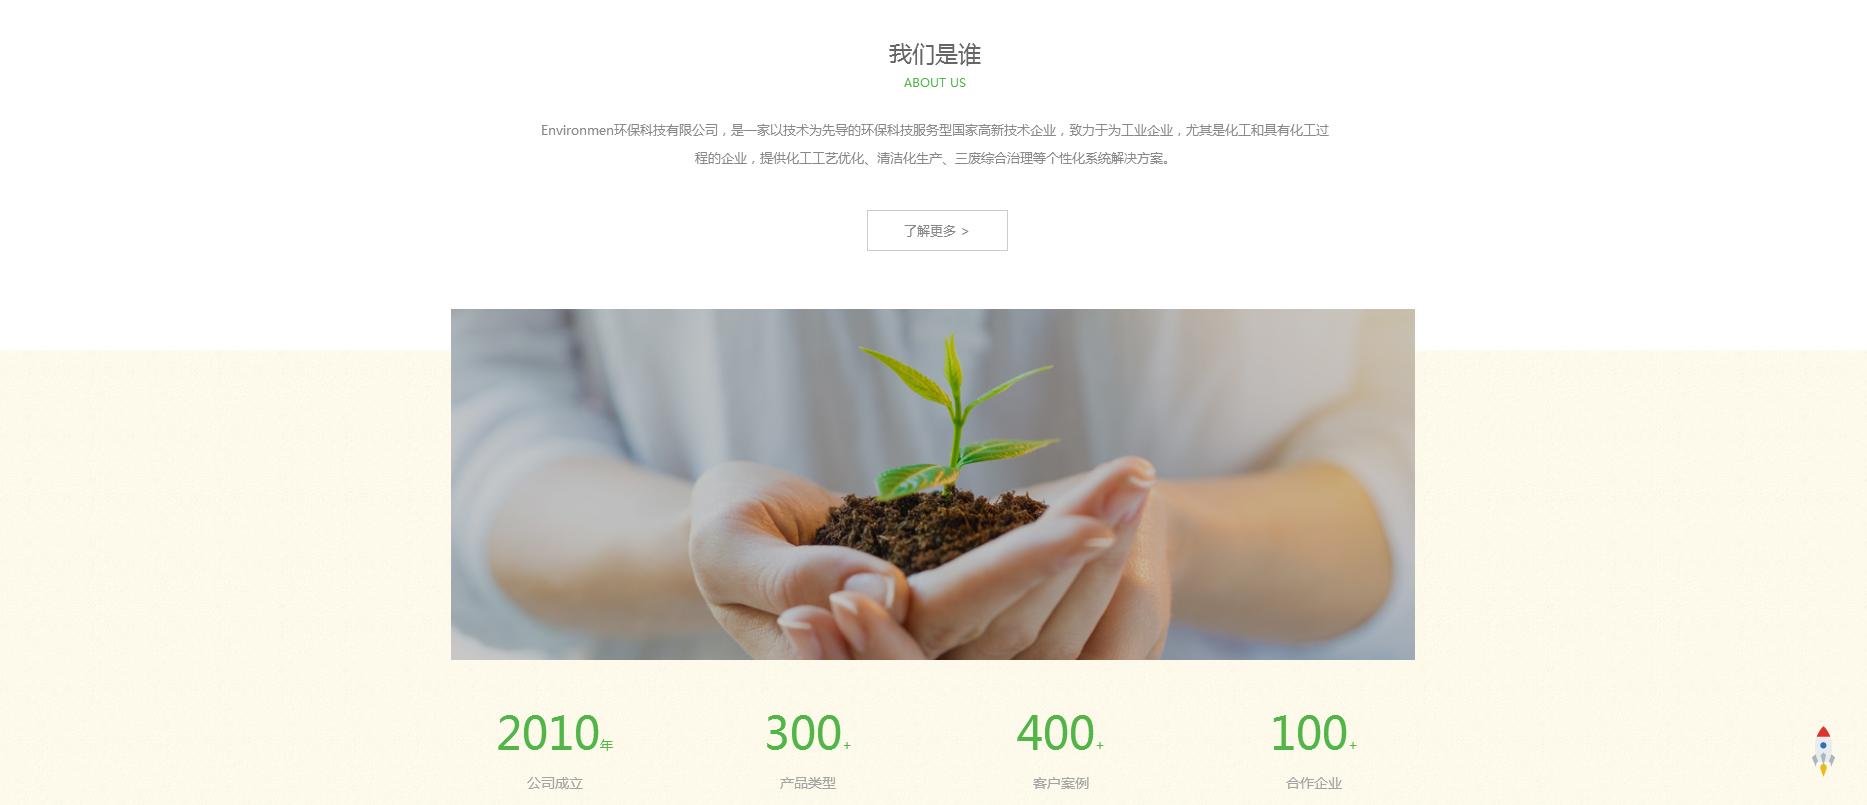 环保净化设备网站建设